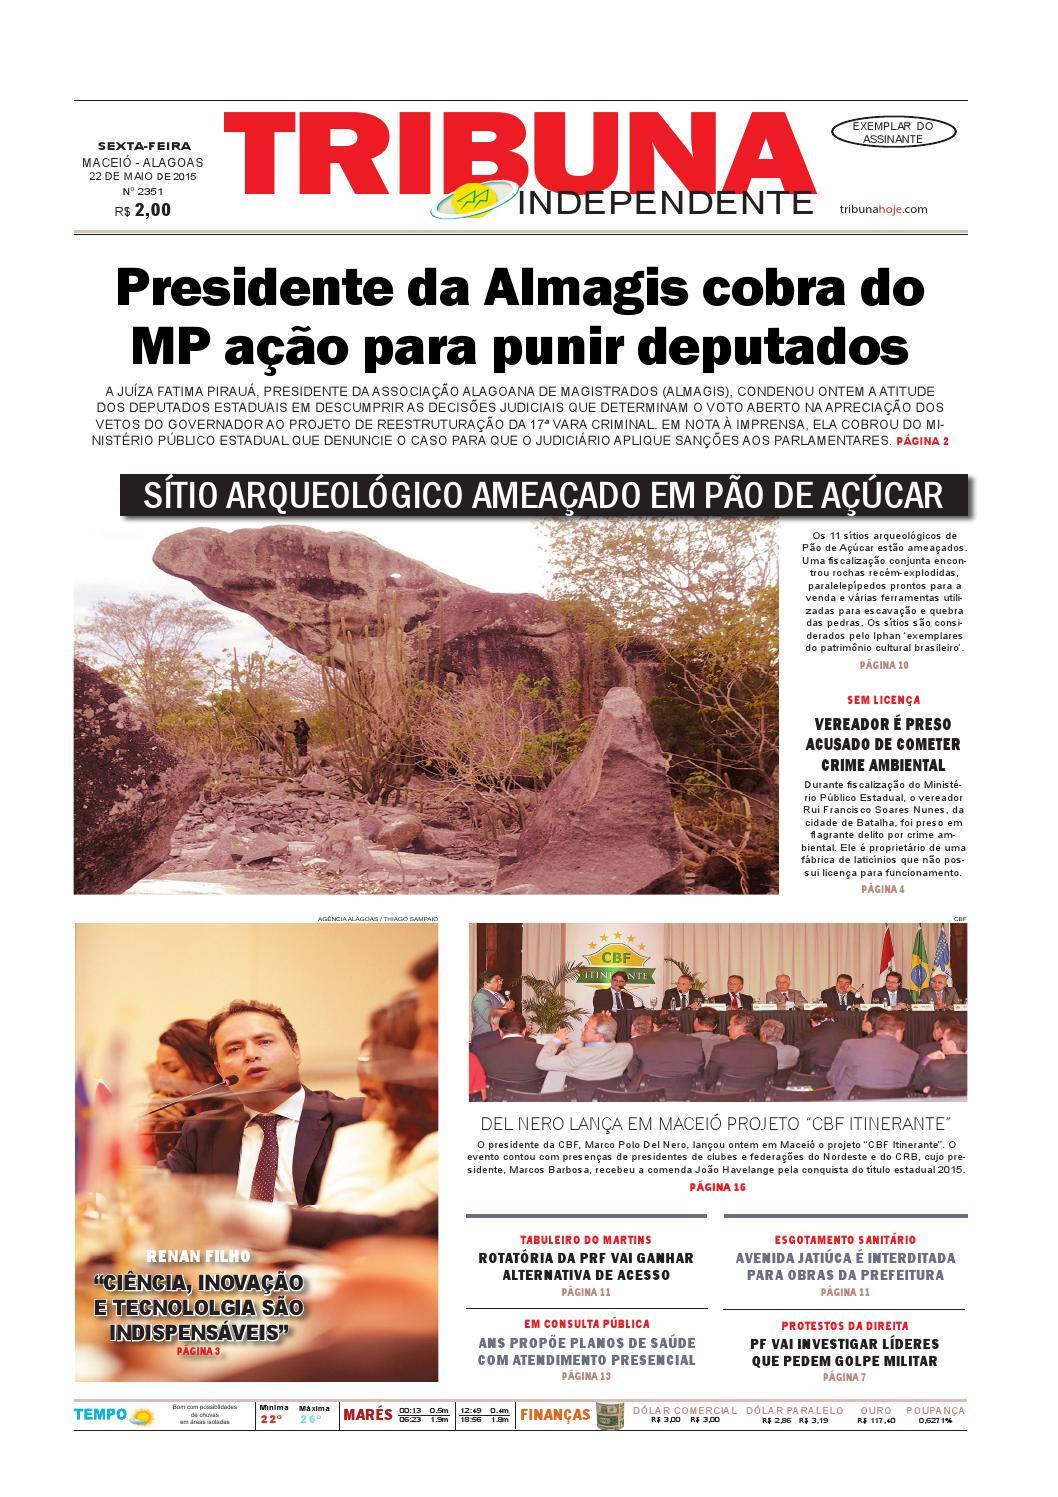 eecfd4436 Edição número 2351 - 22 de maio de 2015 by Tribuna Hoje - issuu